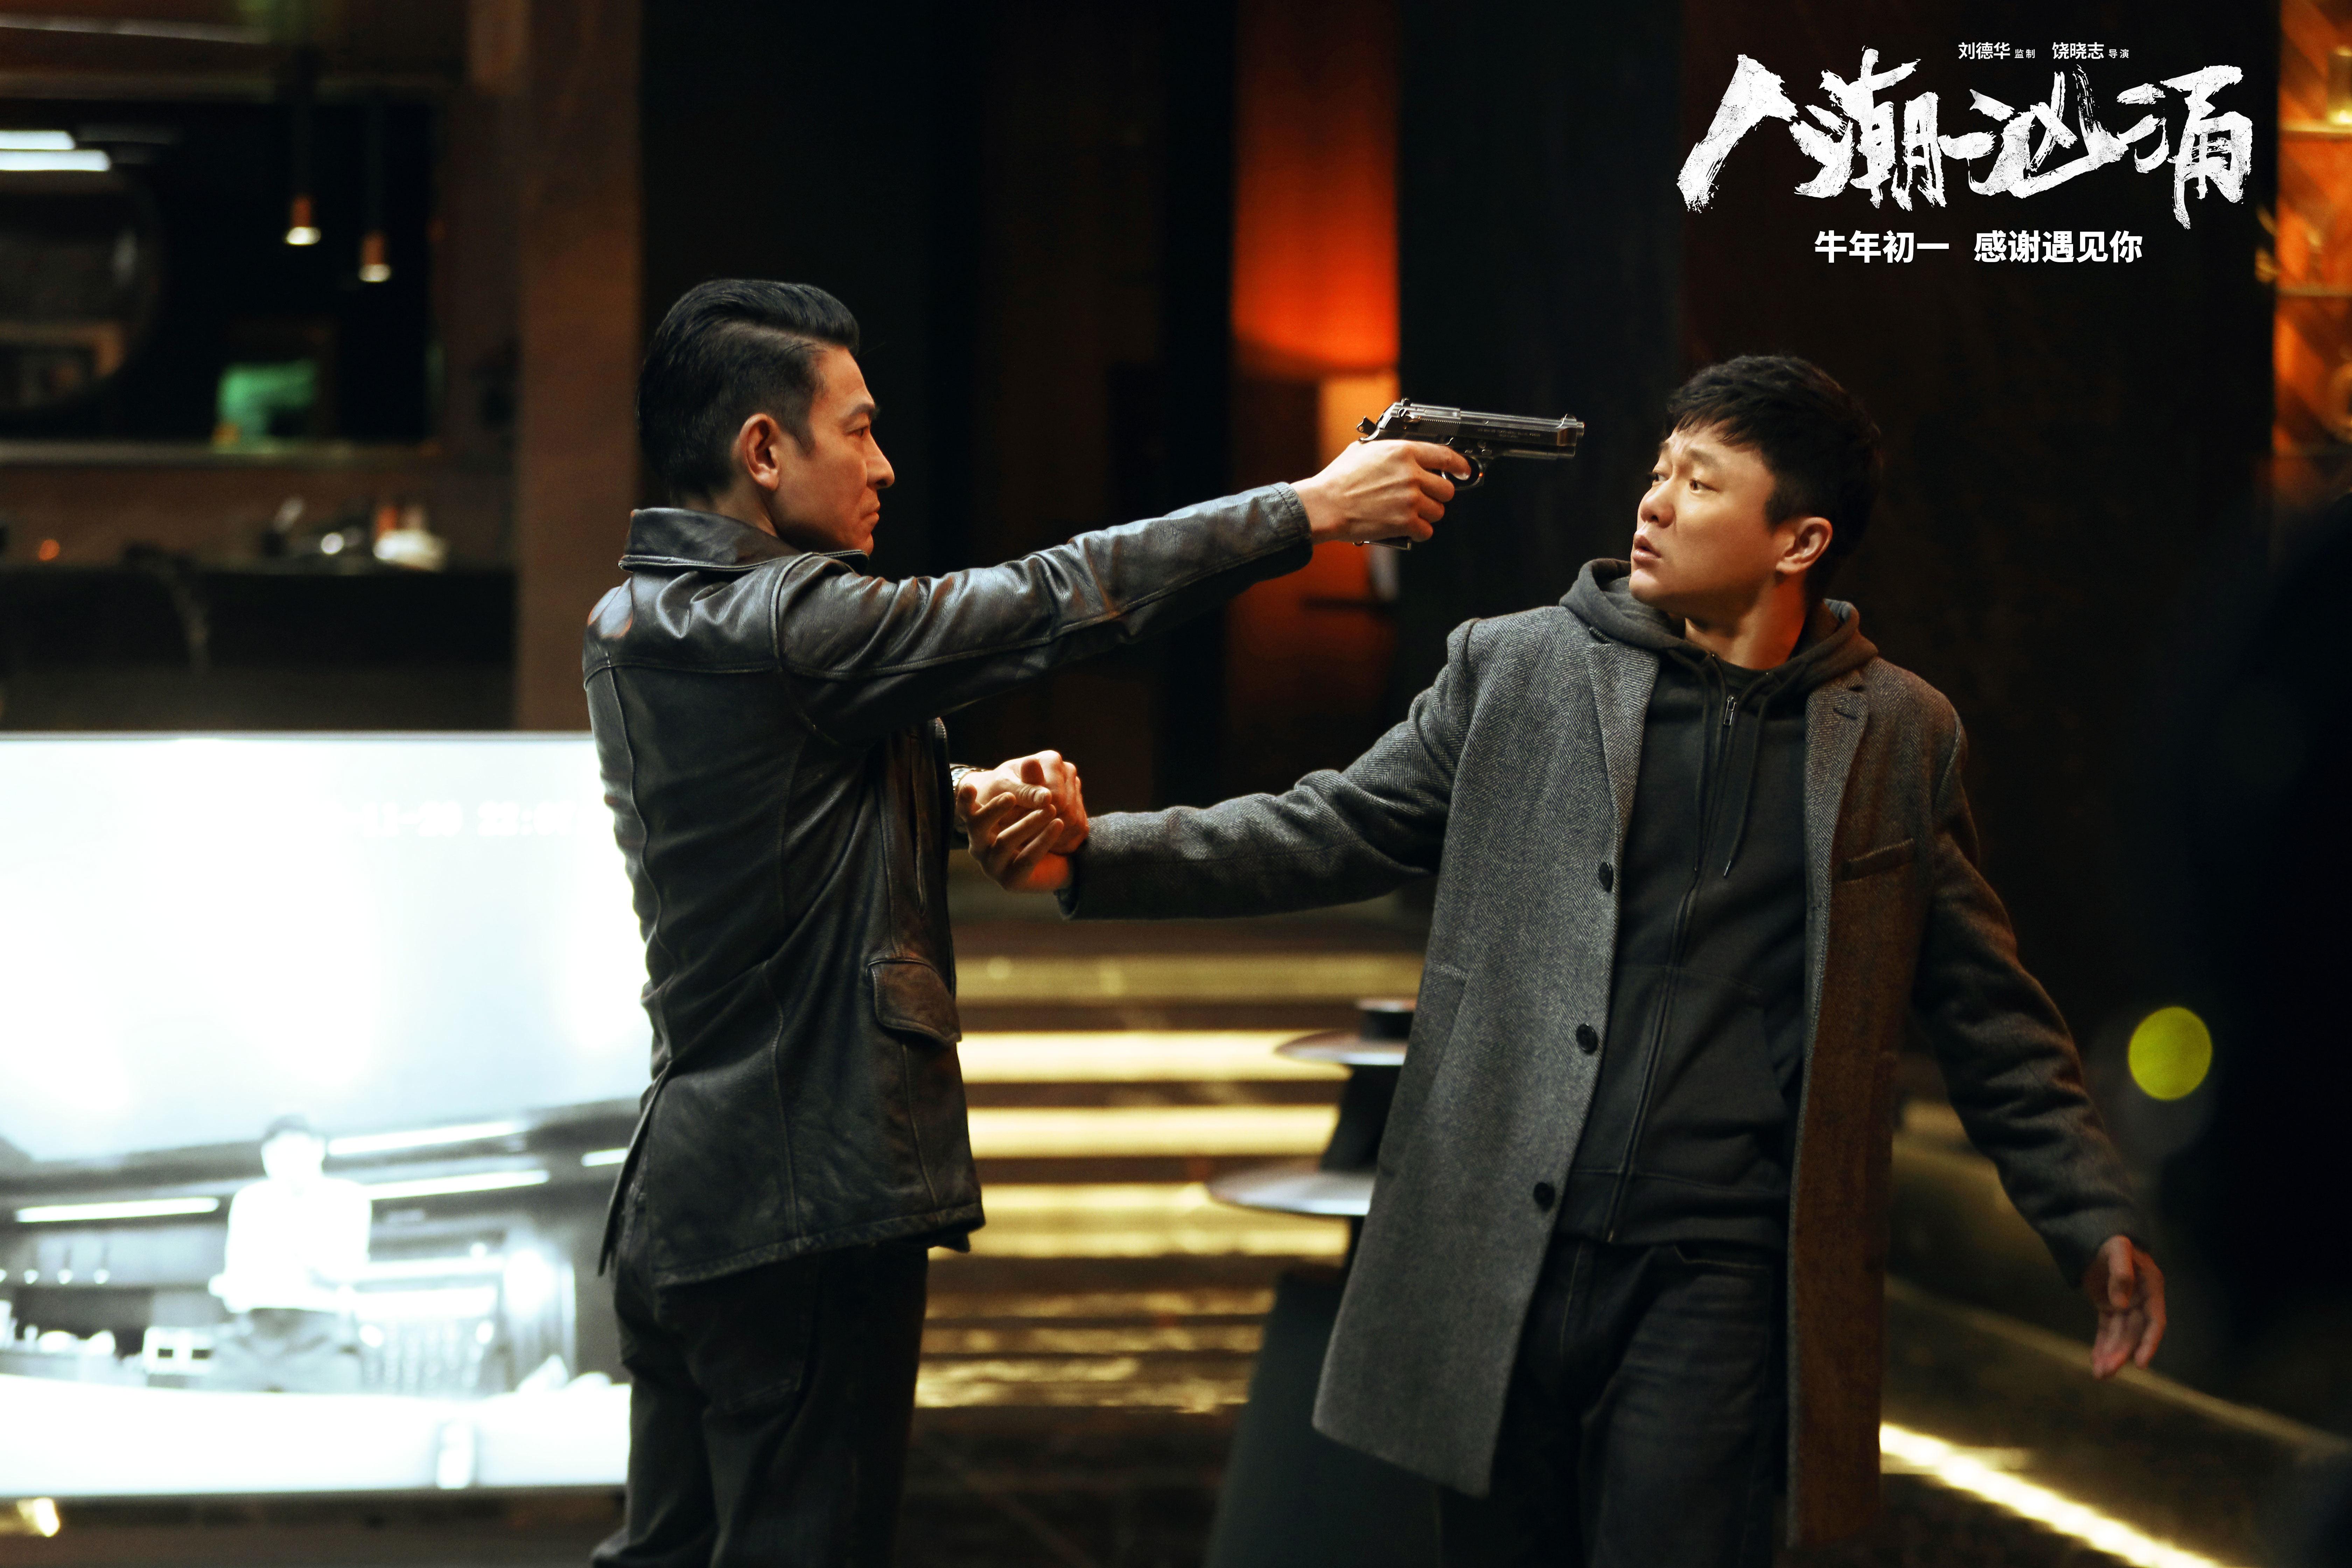 电银付加盟(dianyinzhifu.com):刘若英刘德华16年后再对唱 《人潮汹涌》曝片尾曲 第3张